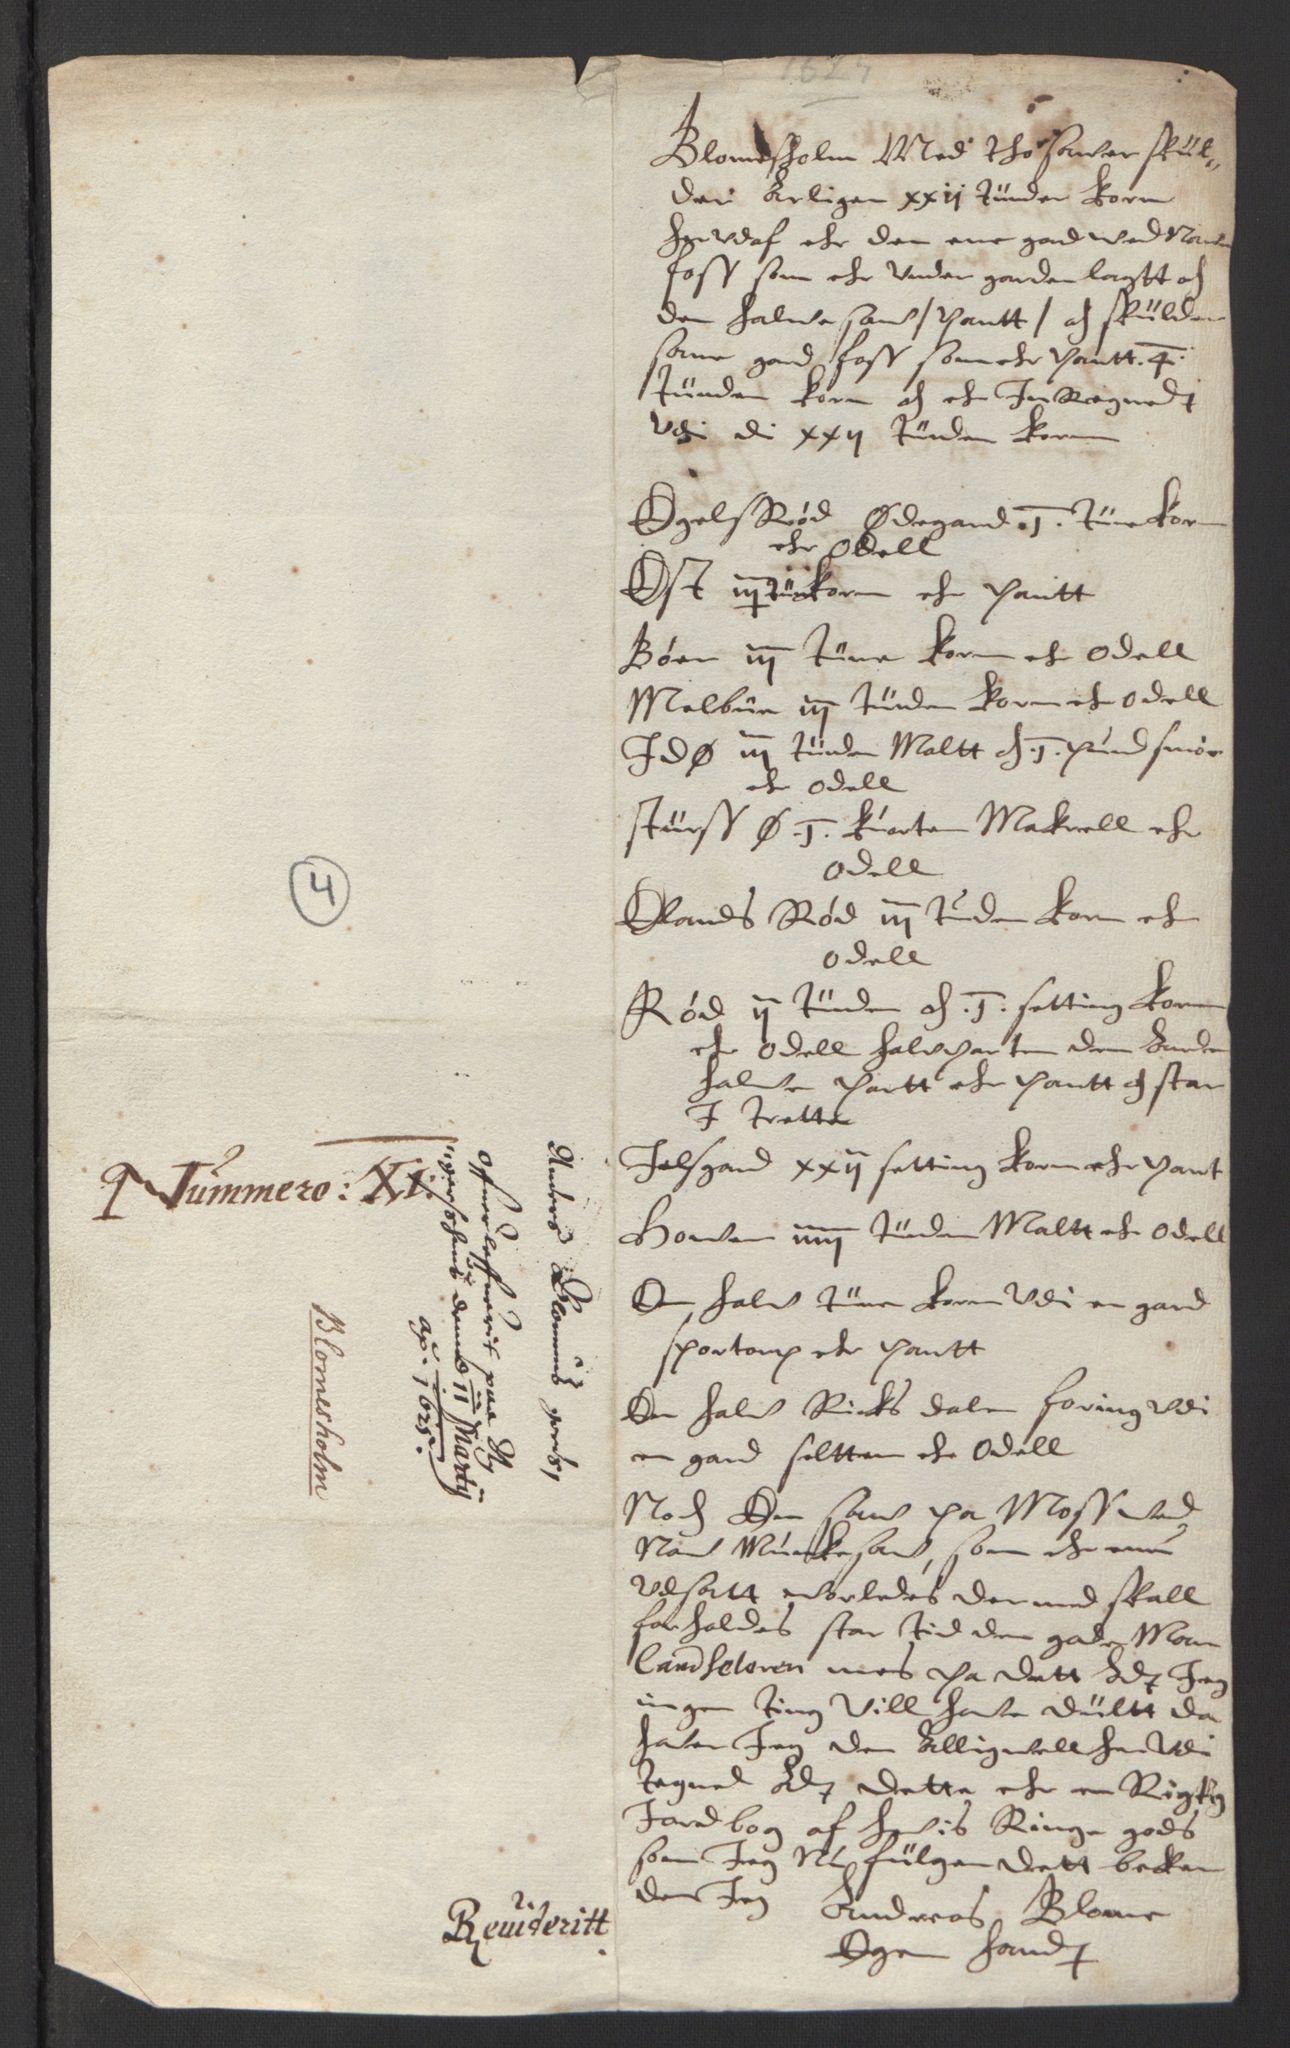 RA, Stattholderembetet 1572-1771, Ek/L0007: Jordebøker til utlikning av rosstjeneste 1624-1626:, 1624-1625, s. 290